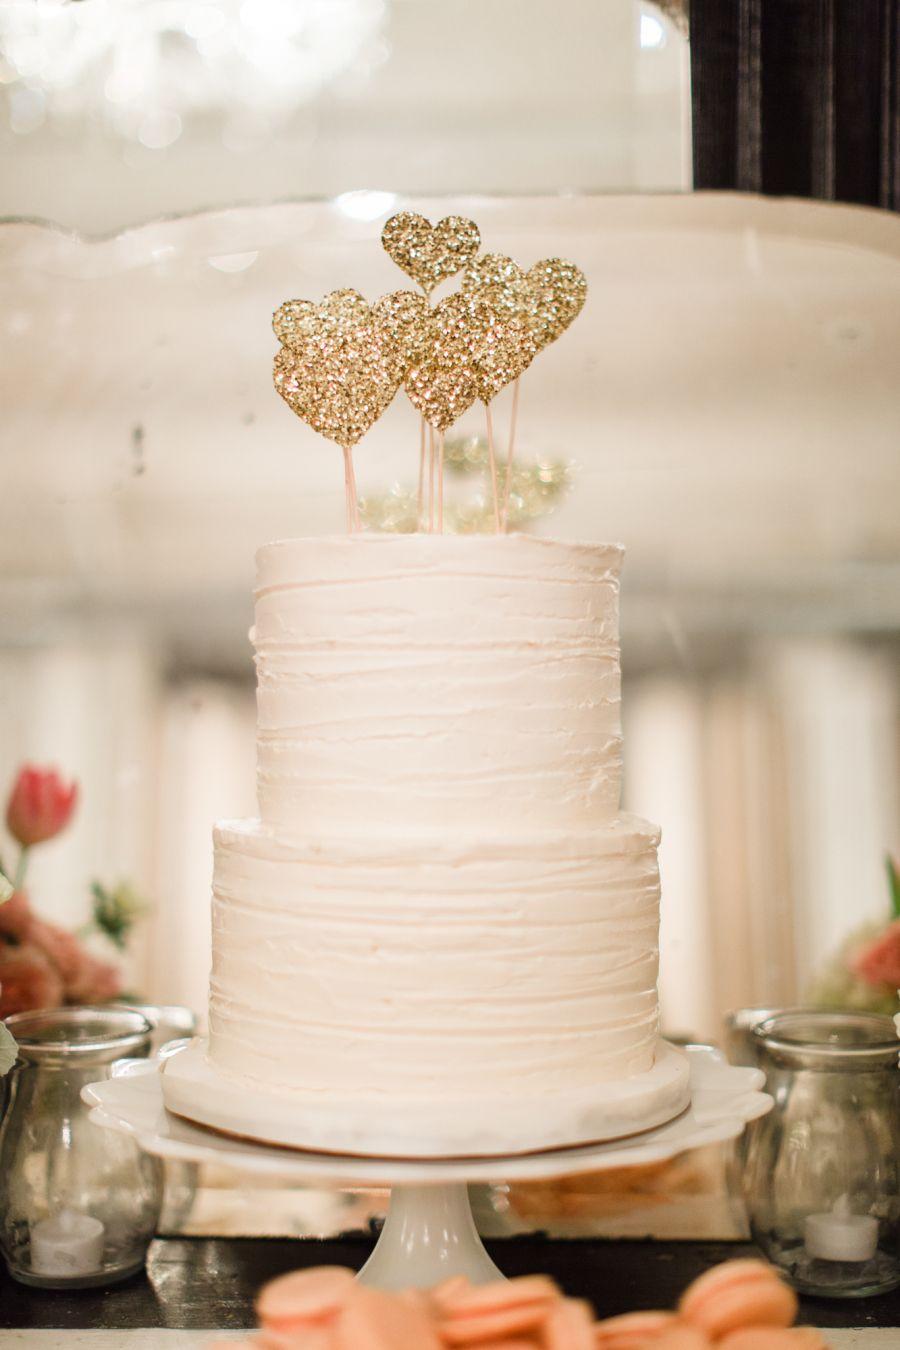 Accessoires décoratifs en forme de coeurs pour support de gâteau de mariage